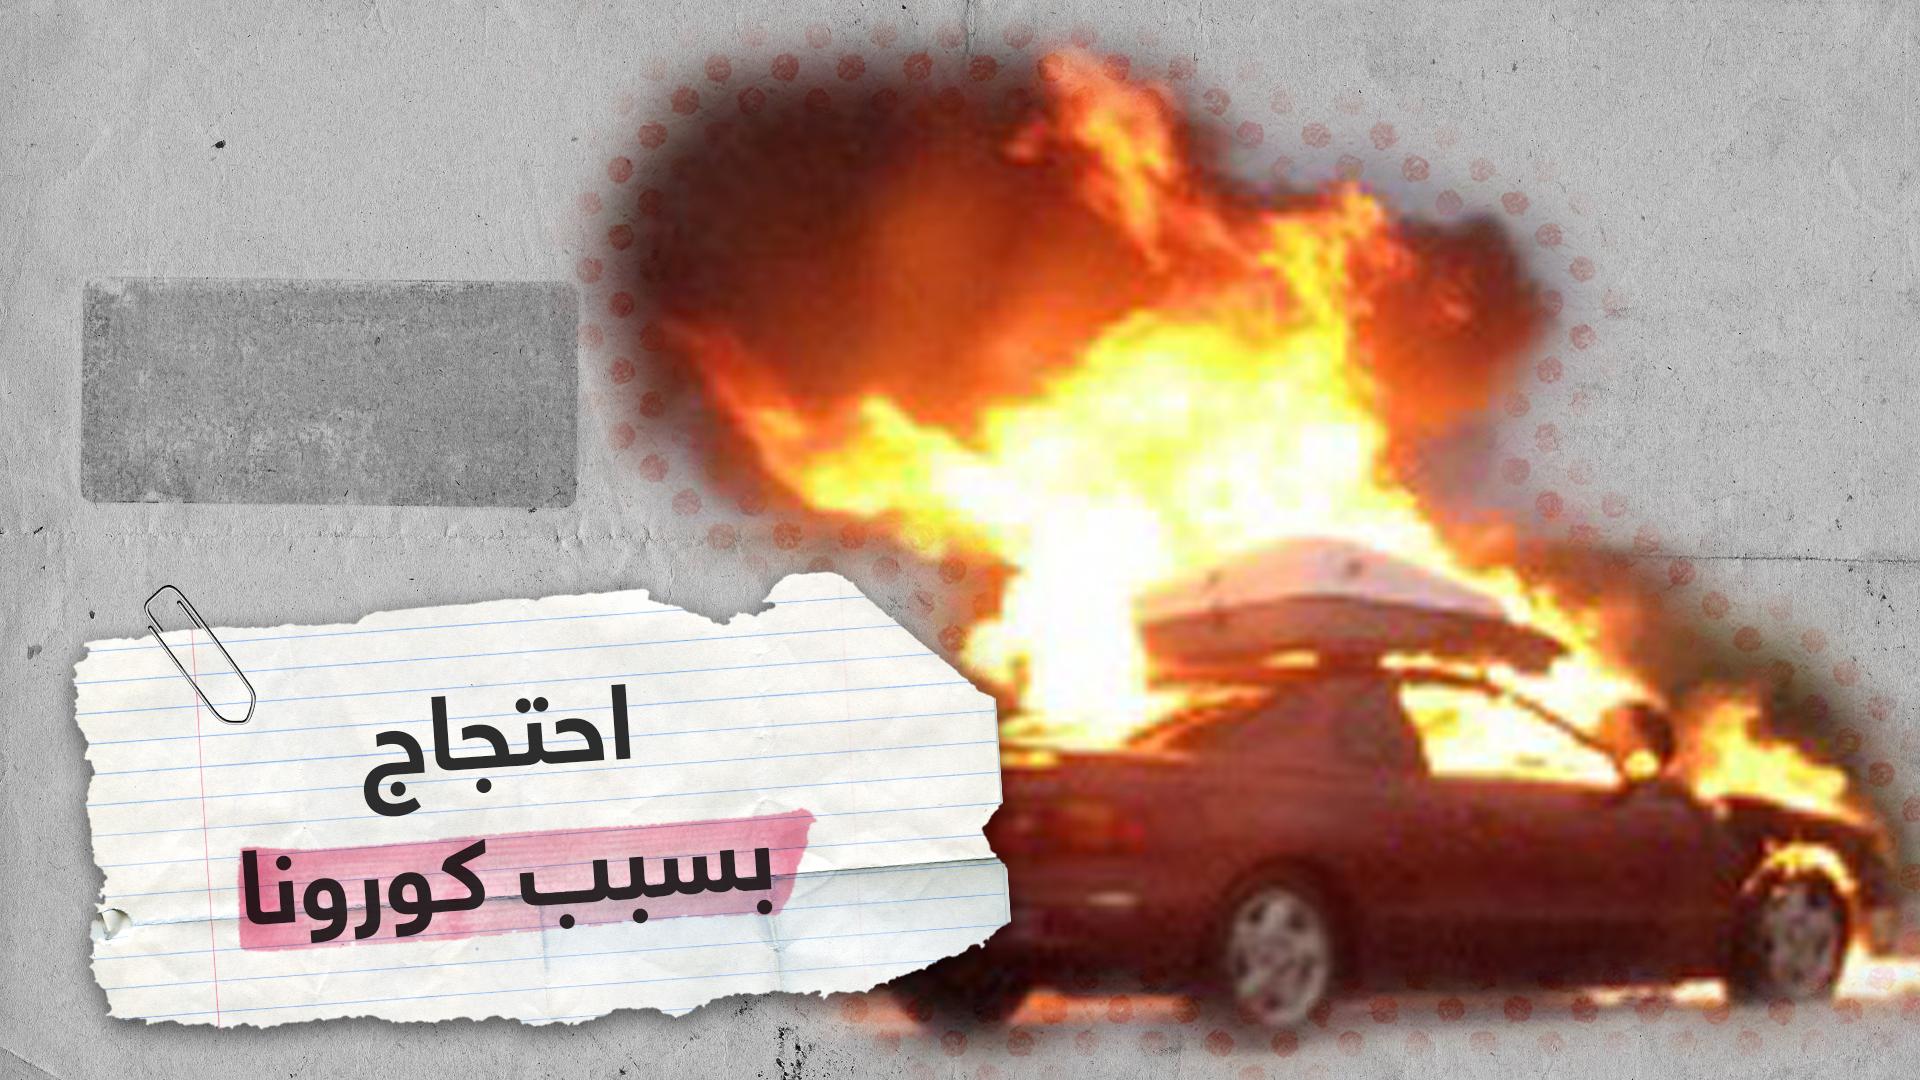 سائق لبناني يحرق سيارته بسبب كورونا